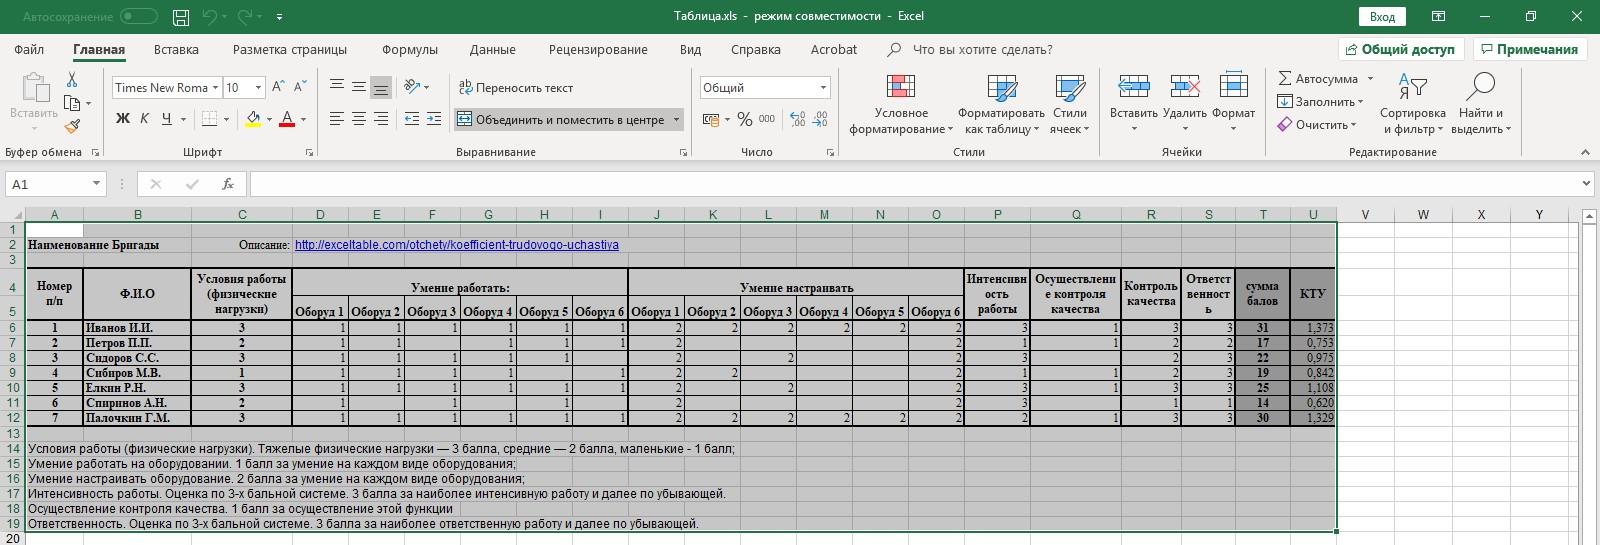 Таблица Выделение Excel